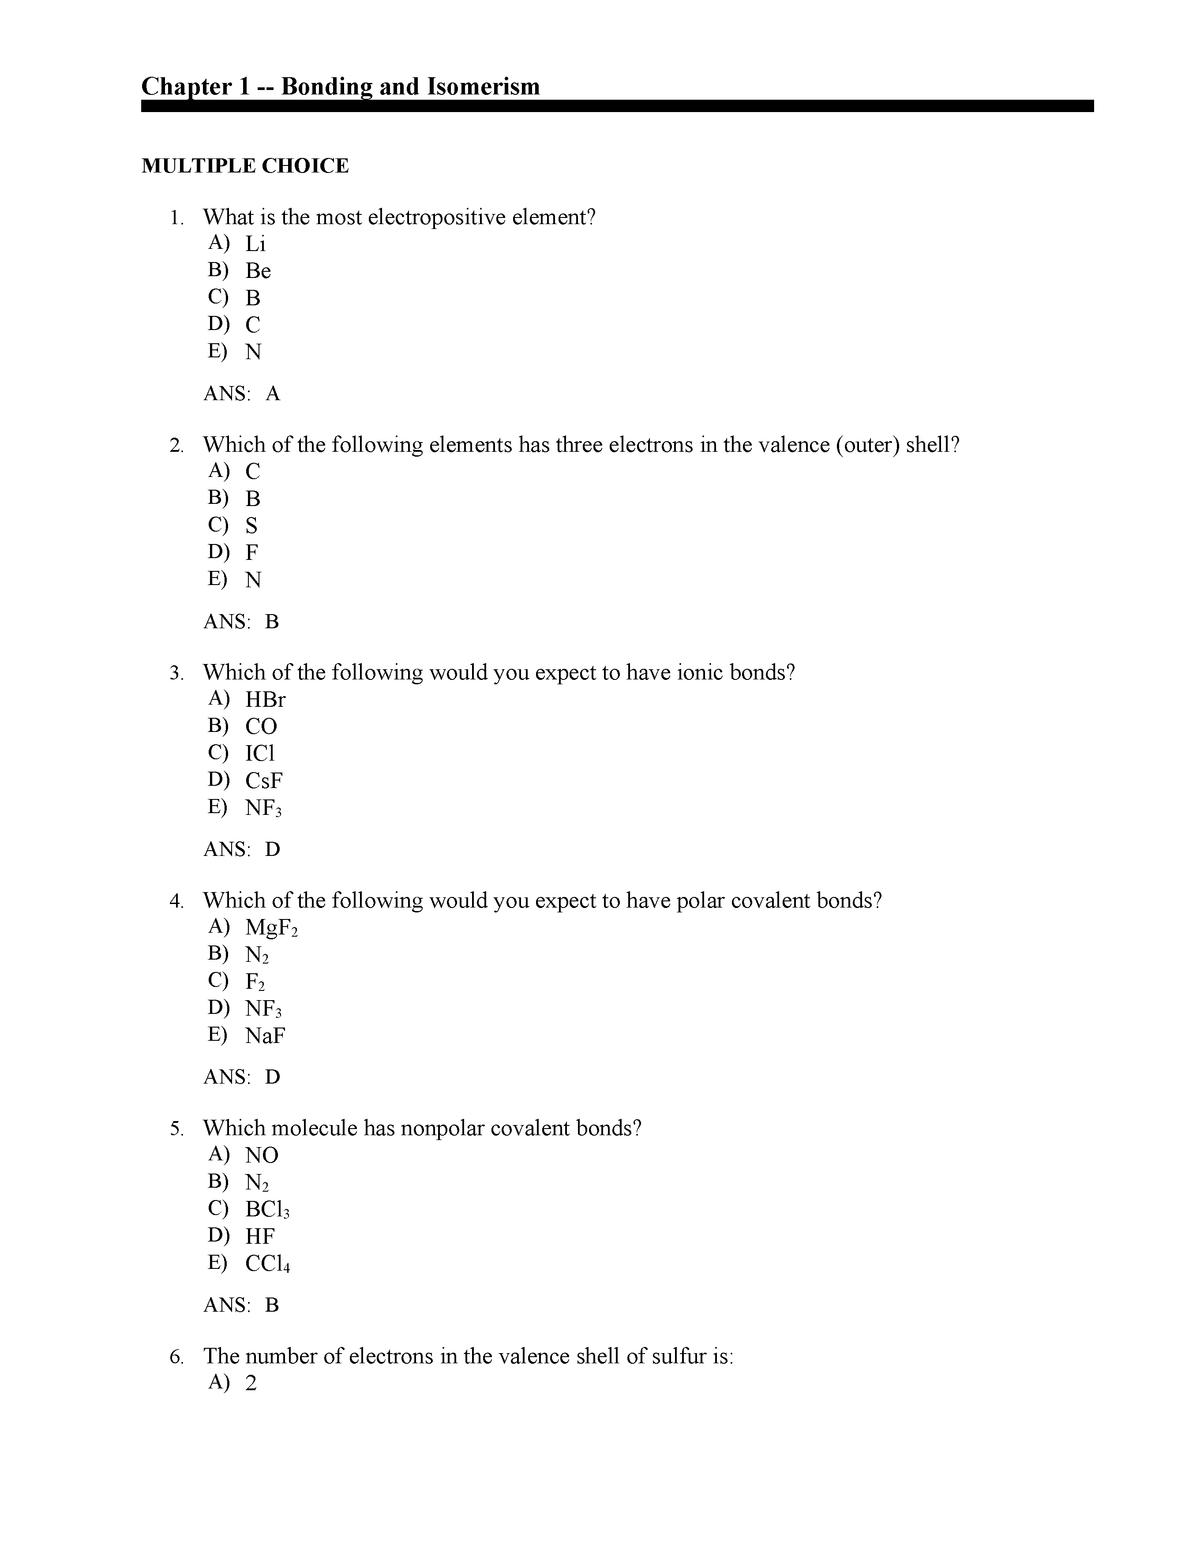 Chapter 1 Bonding And Isomerism Multiple Choice Studocu